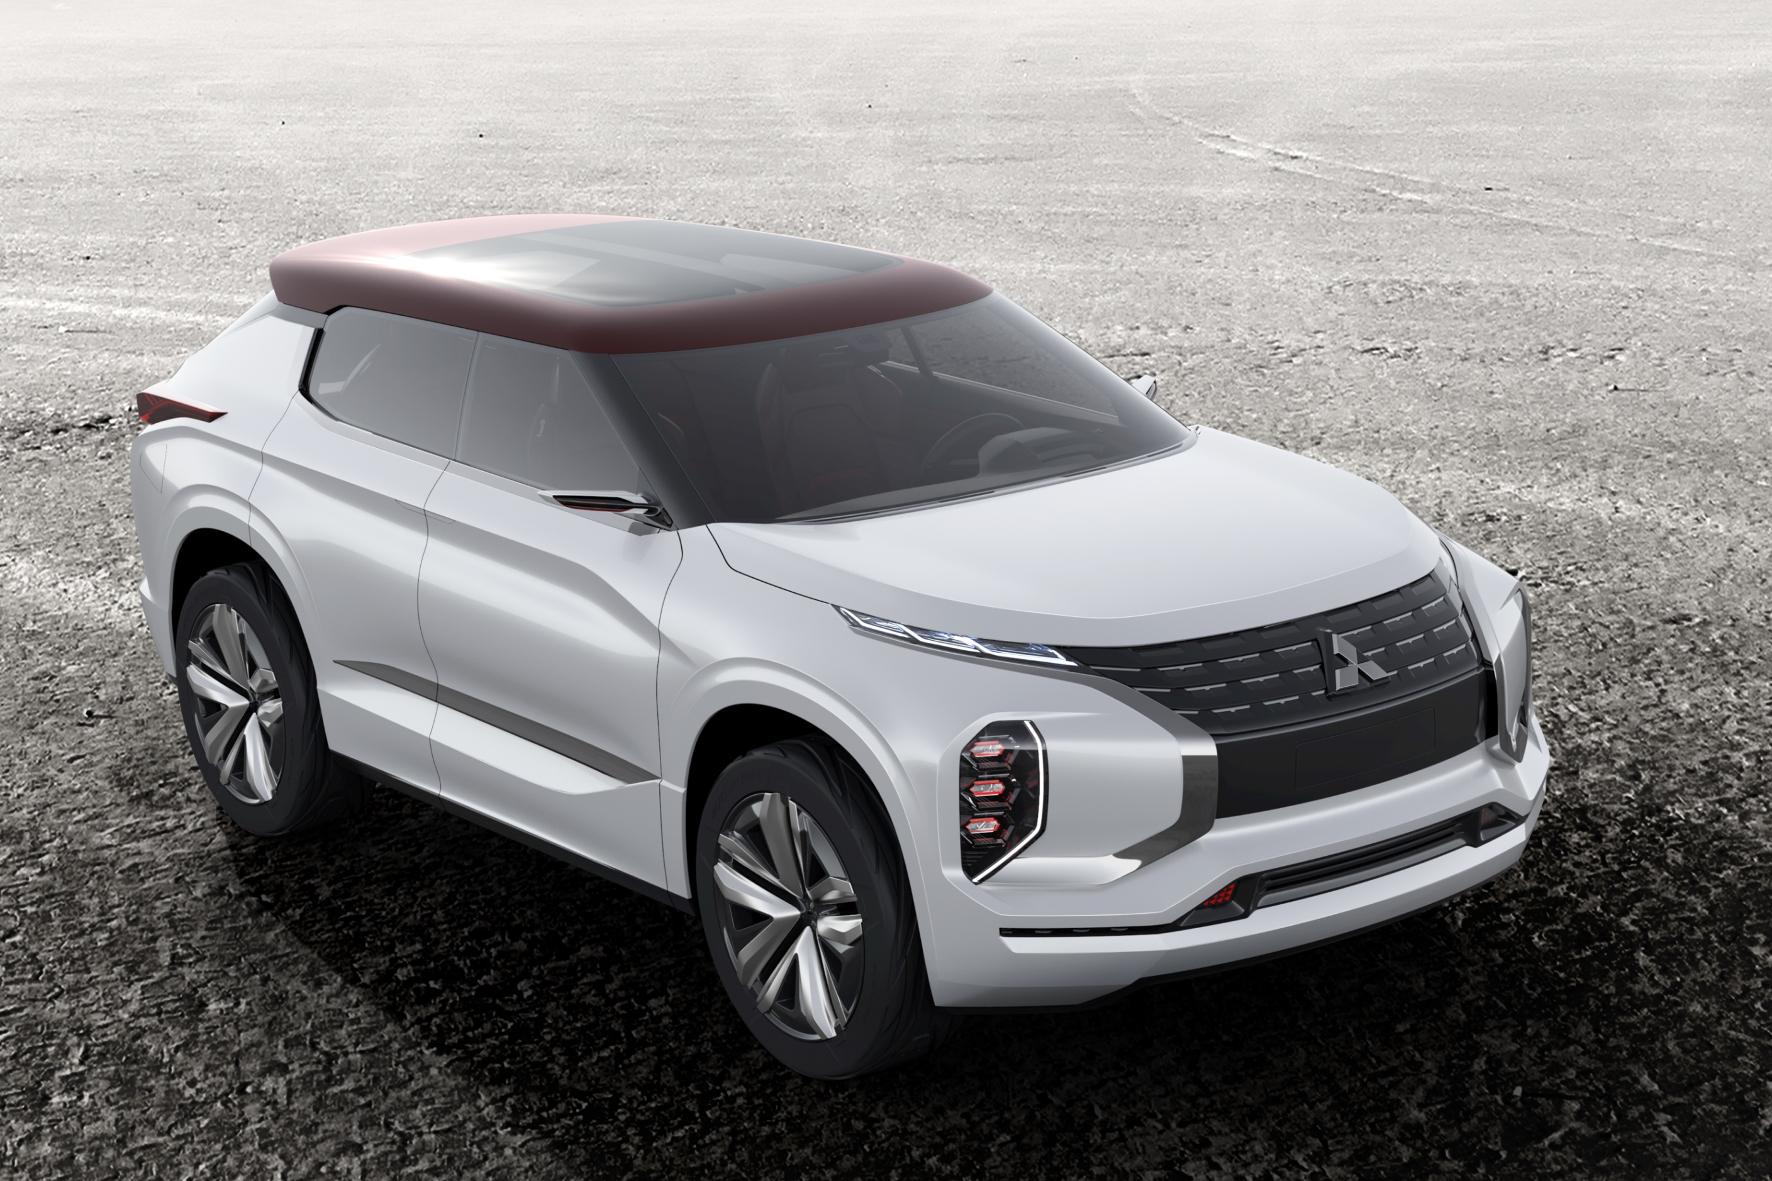 mid Groß-Gerau - Sportlicher Outlander-Nachfolger: Die Hybrid-Studie GT-PHEV Concept erlebt auf dem Mitsubishi Messestand beim Pariser Salon ihre Weltpremiere.